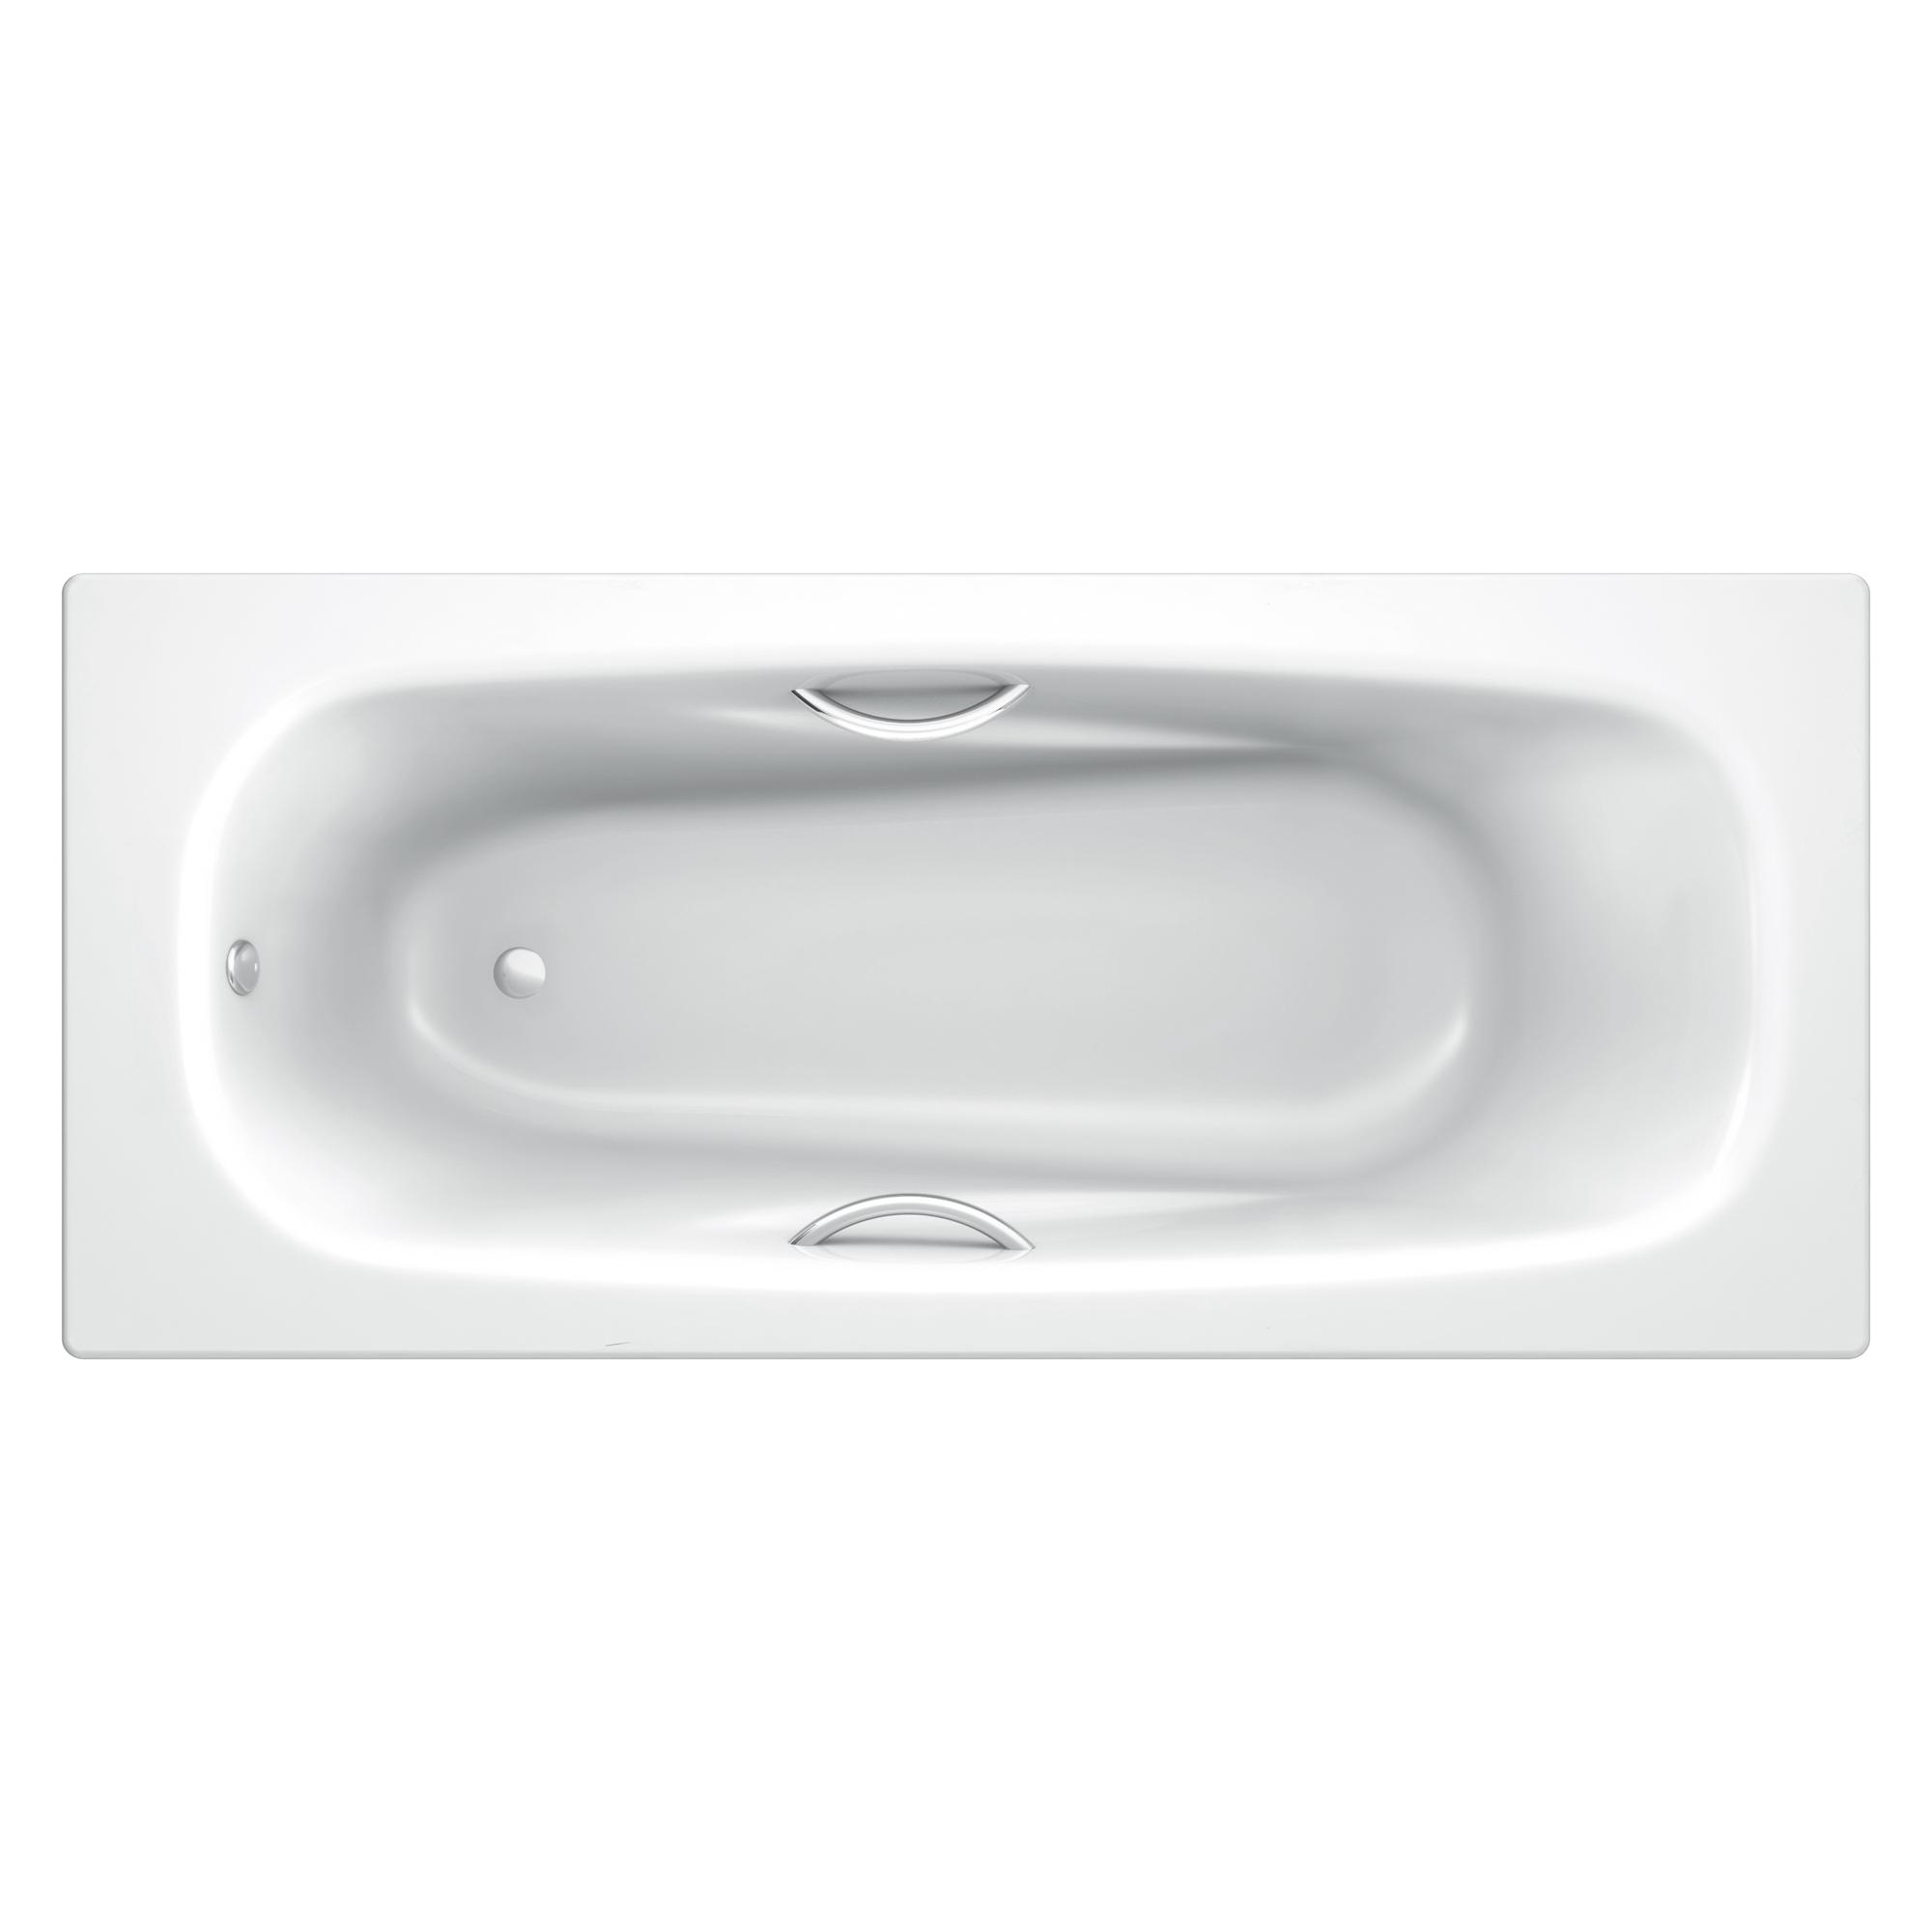 Стальная ванна Koller Pool Deline 170х75 с отв под ручки ванна стальная виз antika 170x70x40 с ножками с рантом a 70001